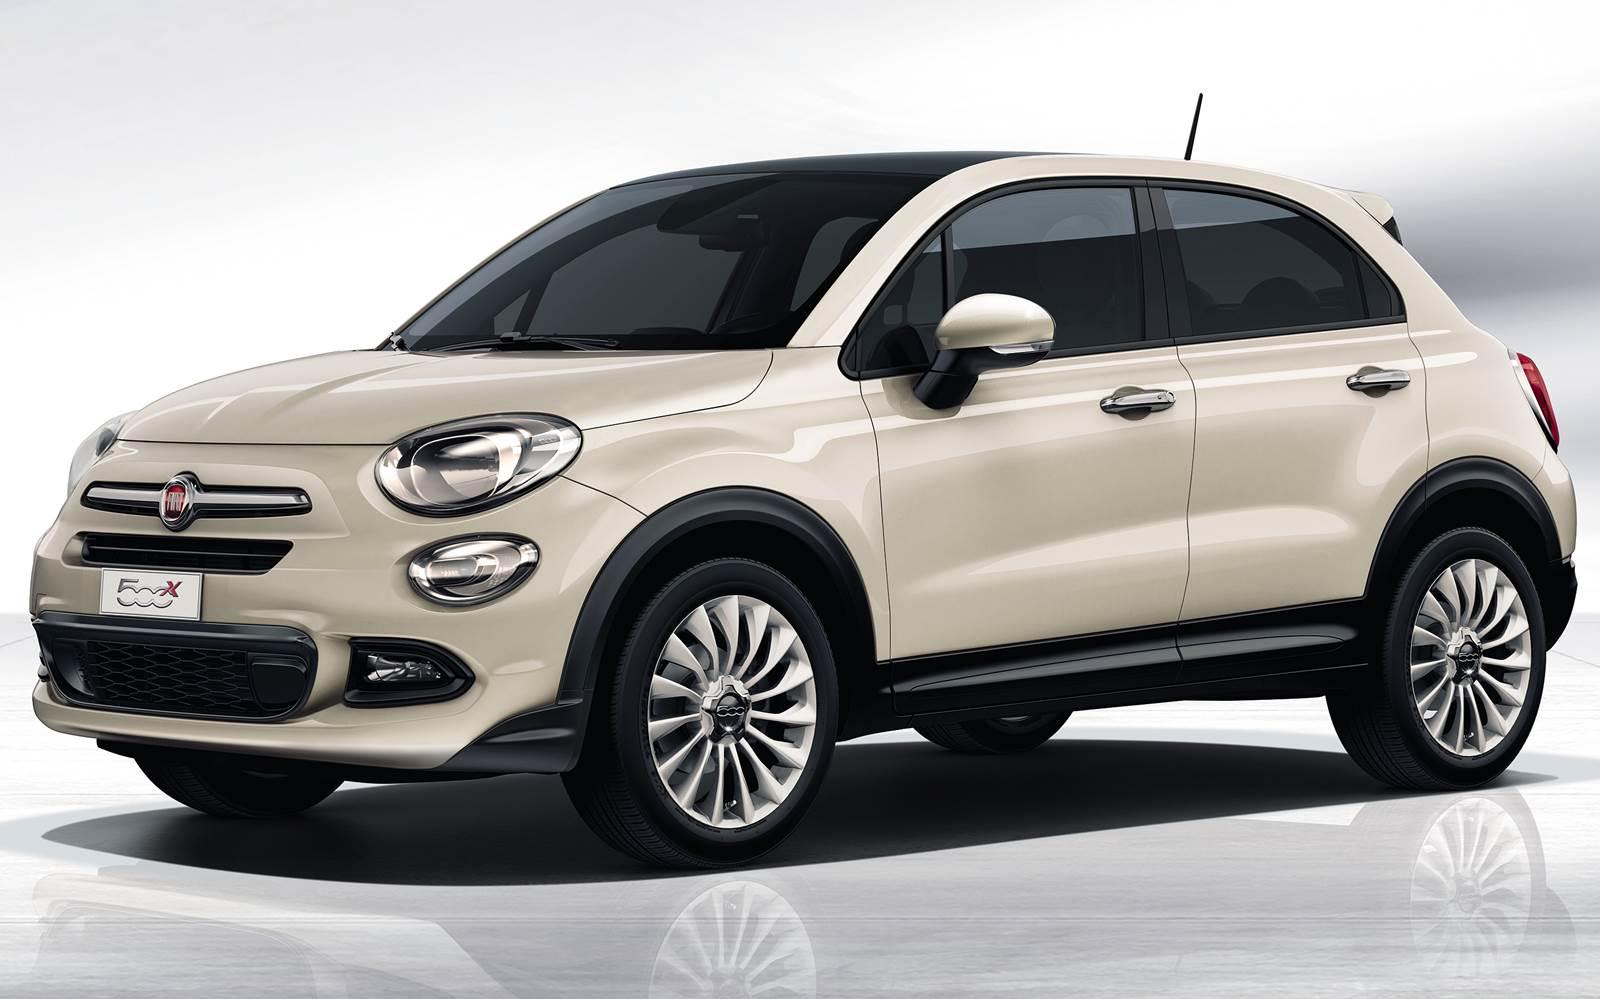 Novo Fiat 500X crossover: fotos e especificações oficiais ...